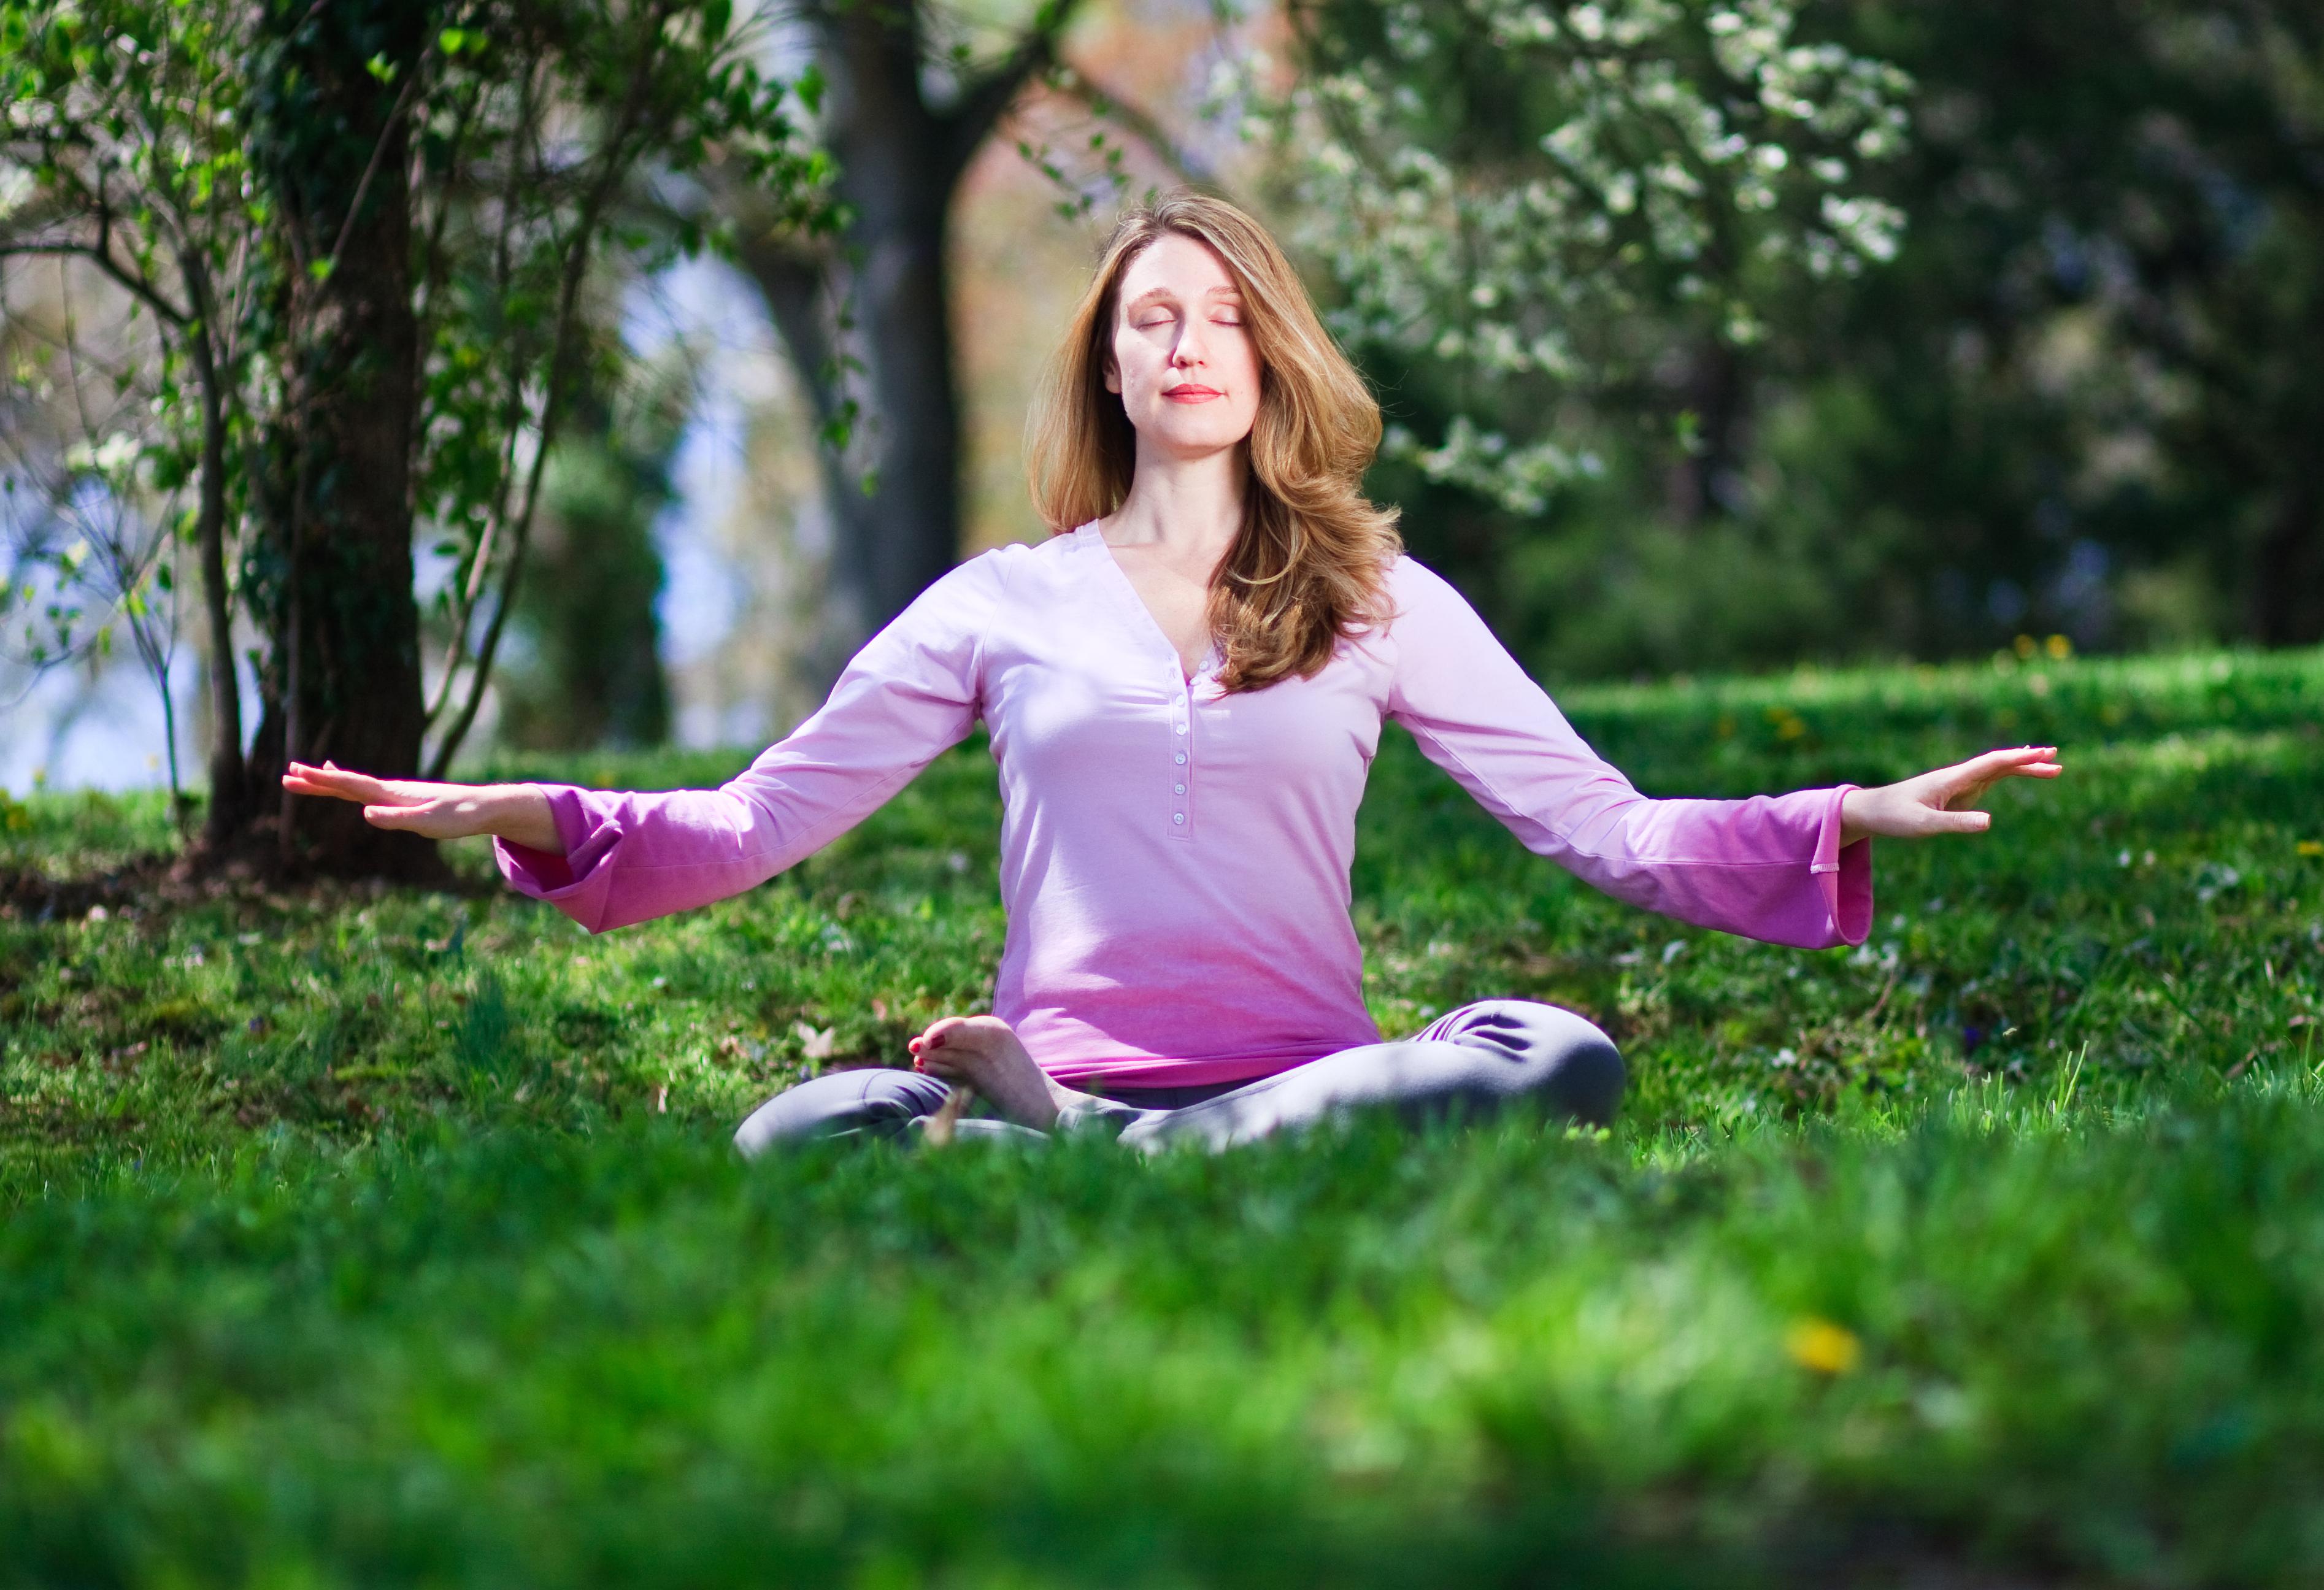 Falun Dafa Rimouski proposera aux citoyens des séances spontanées gratuites pendant tout l'été. Plus de détails sont disponibles sur Facebook.